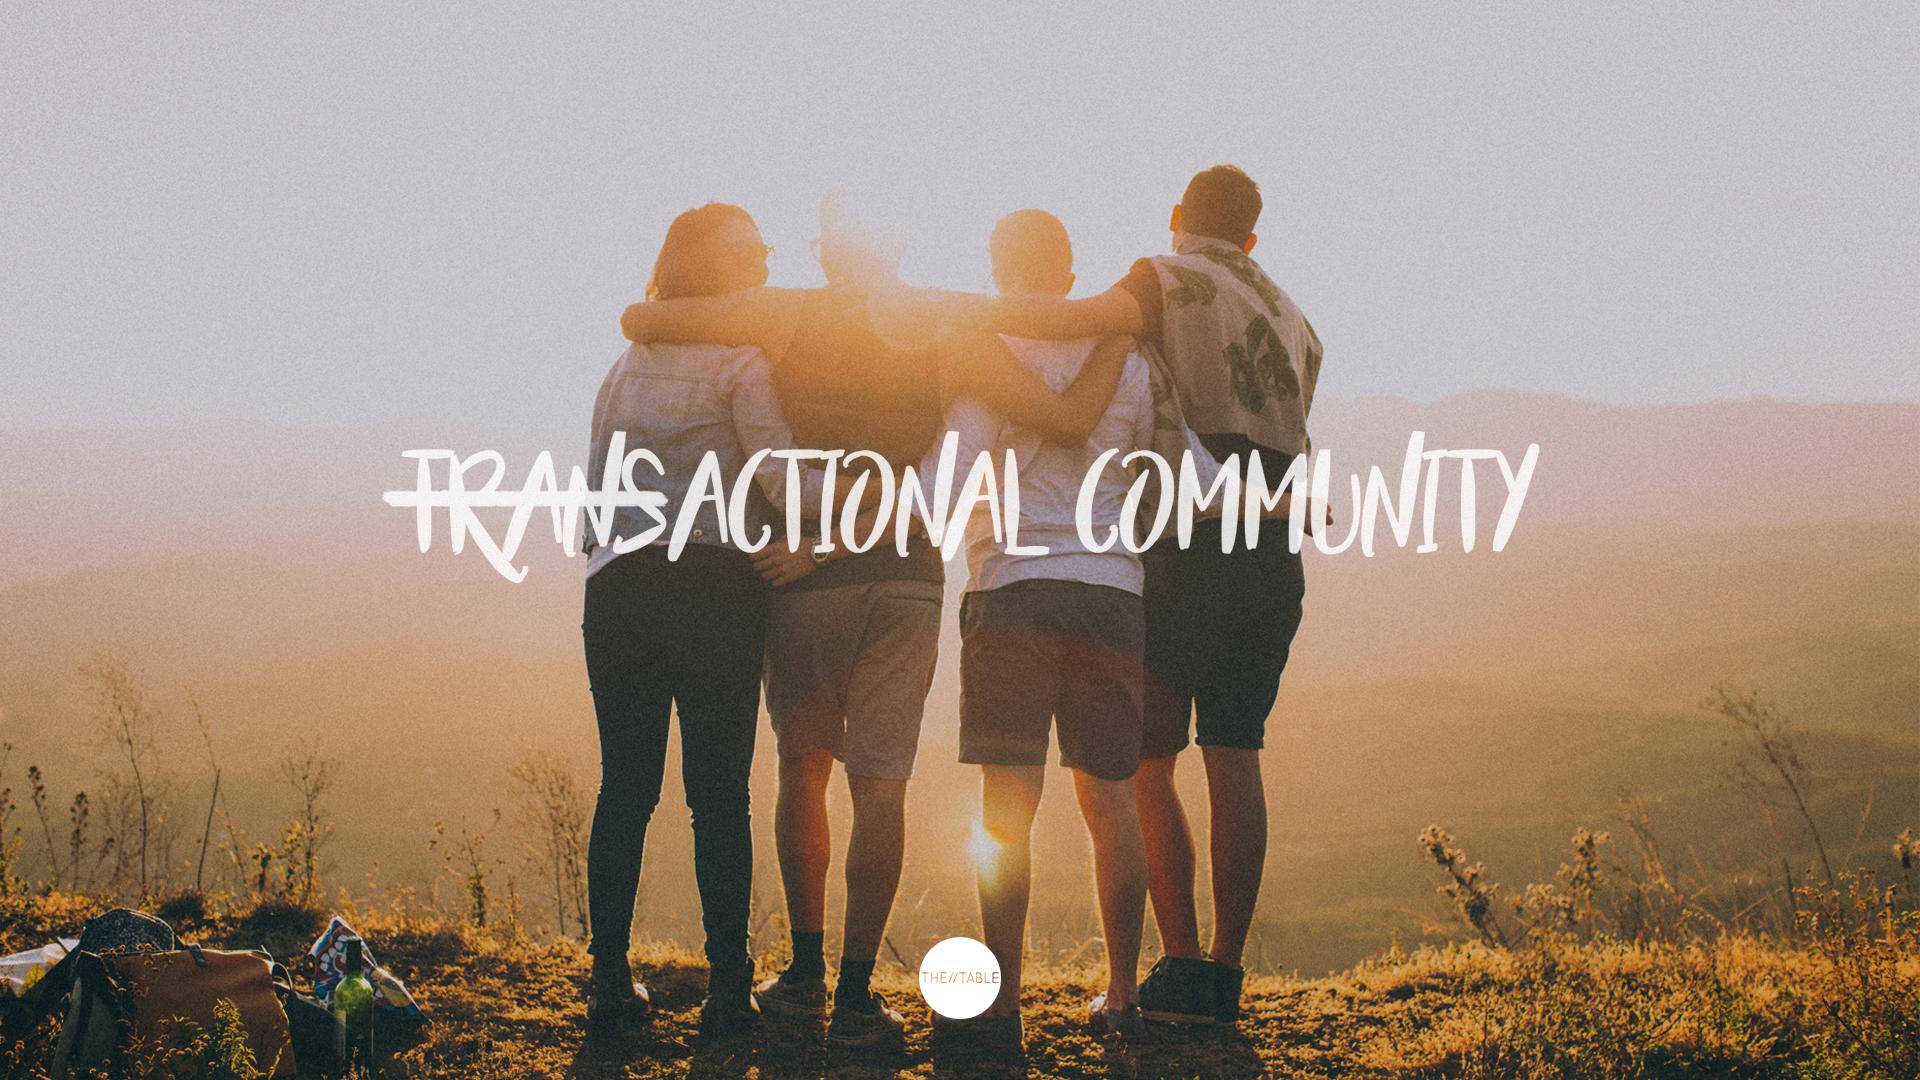 Transactional Community_Main Graphic.jpg